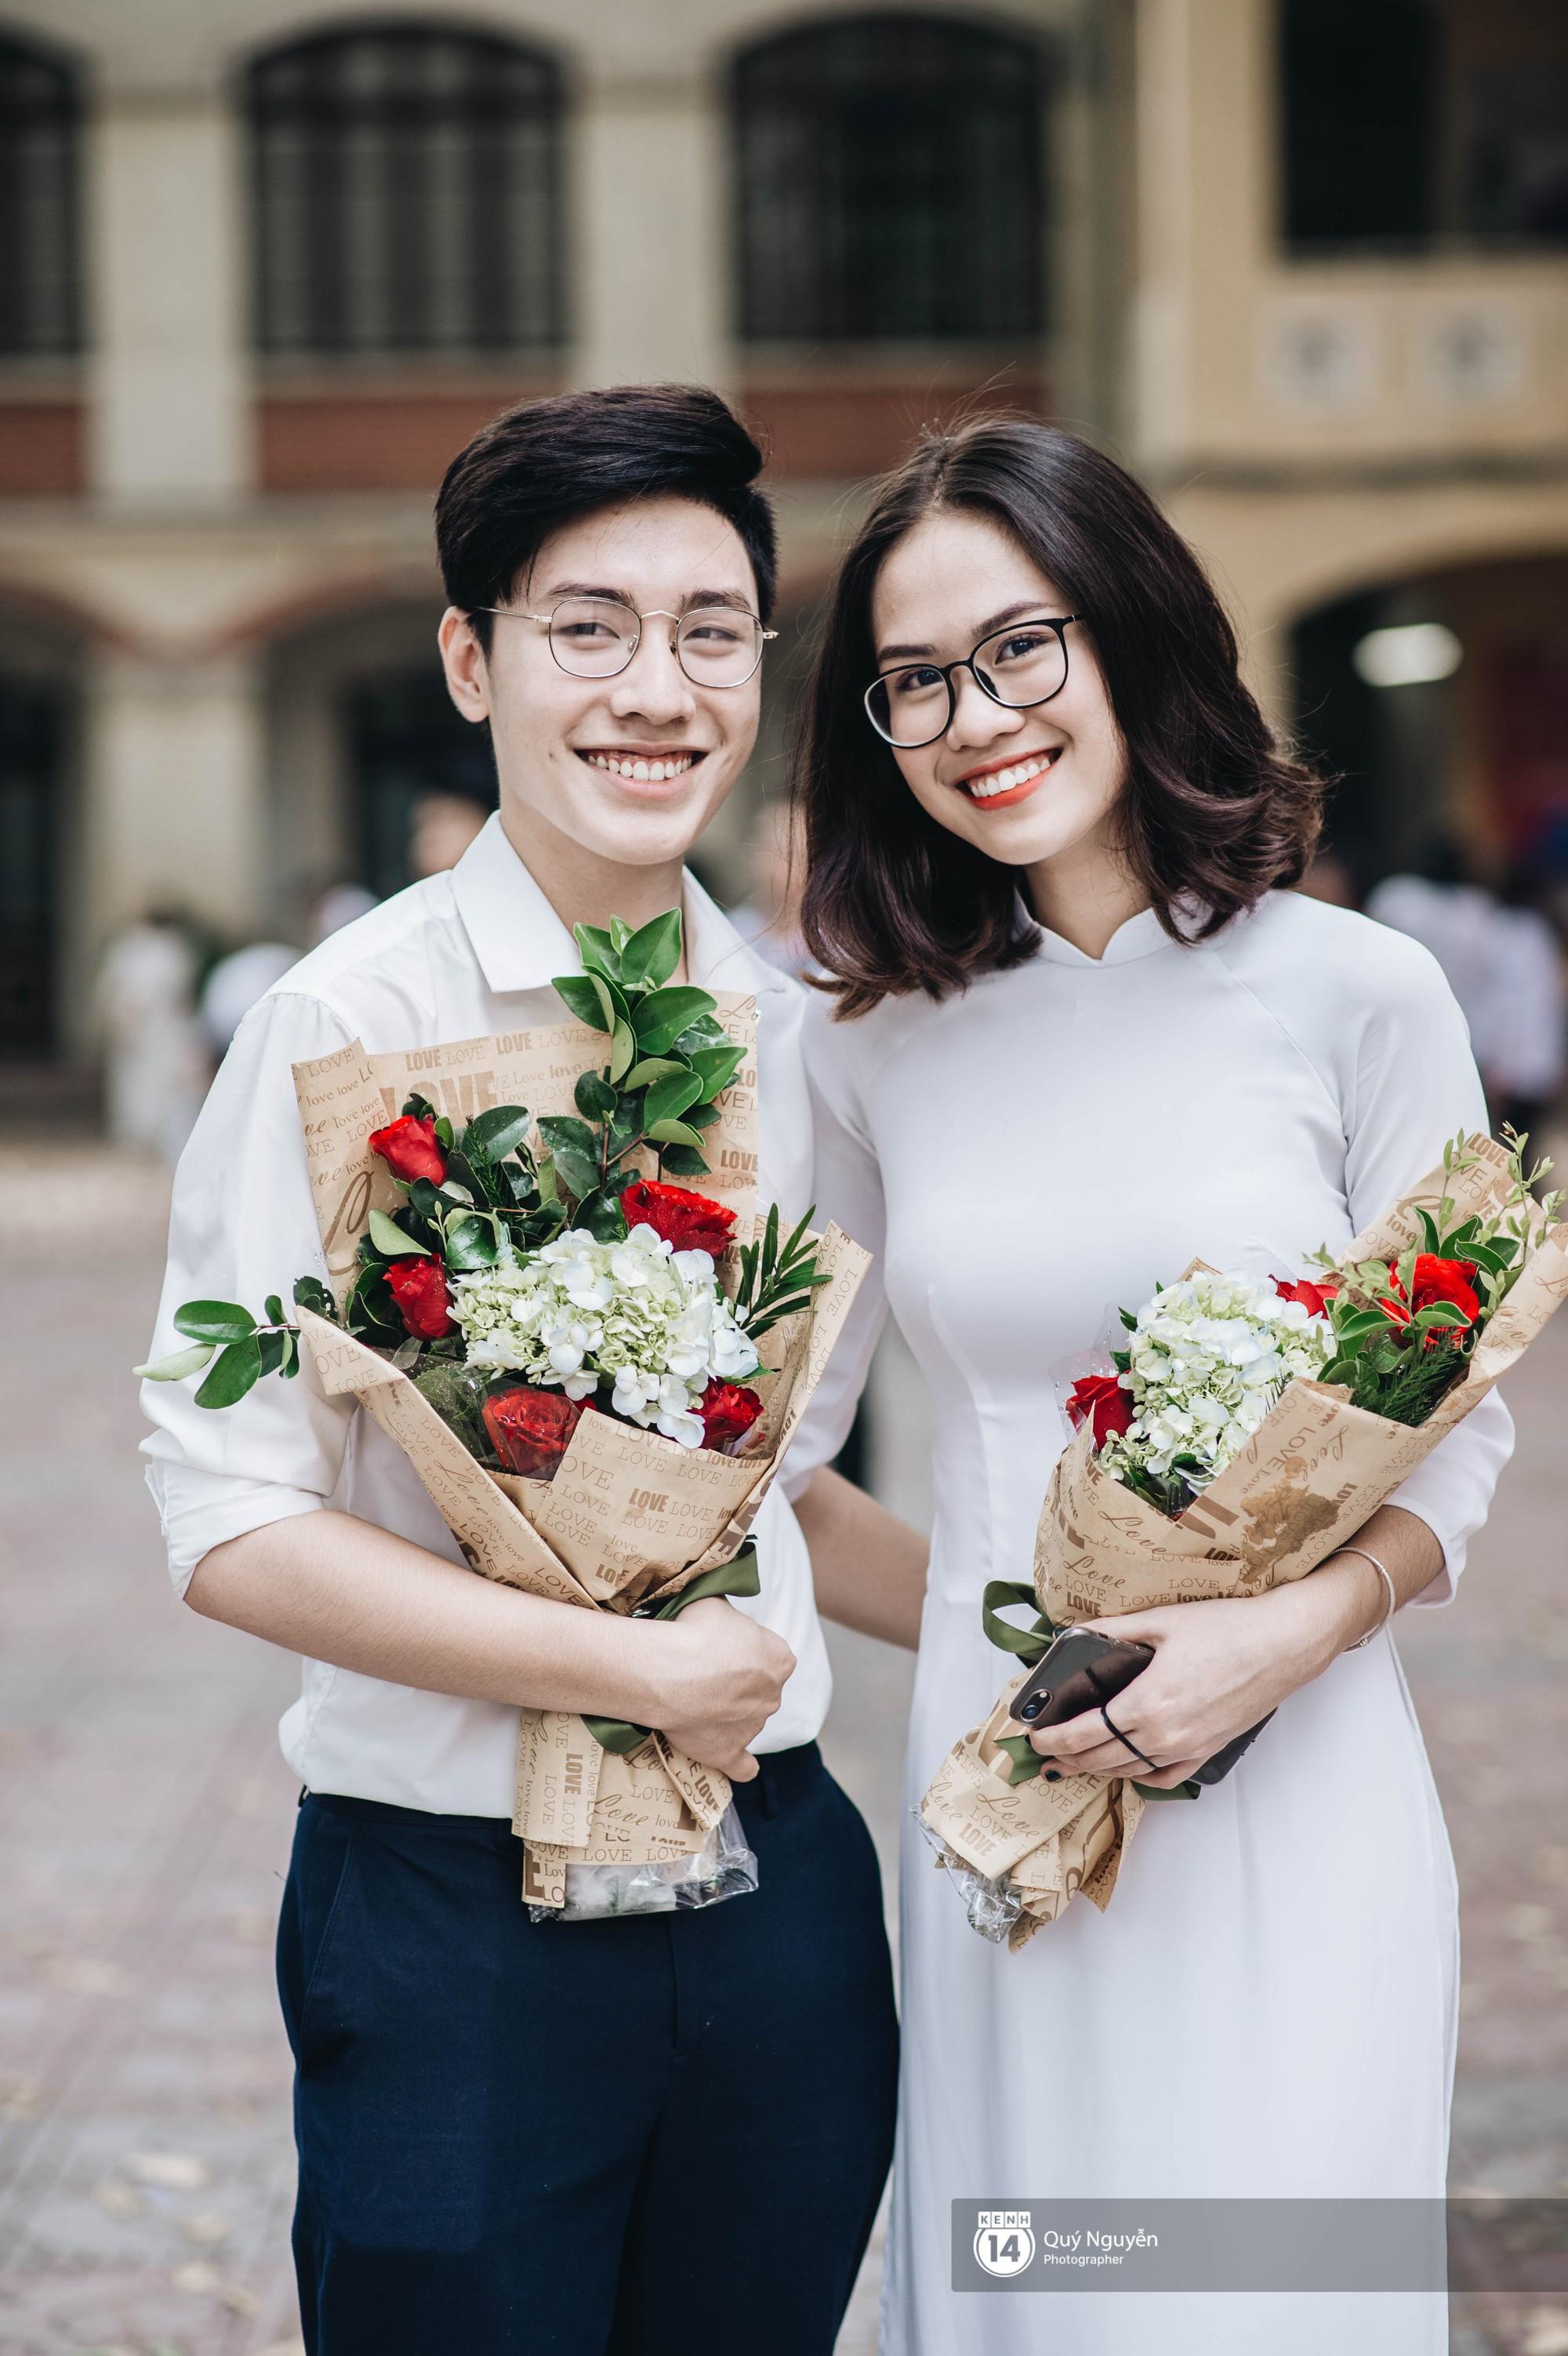 Đặc sản lễ bế giảng trường Phan Đình Phùng: Cả một trời trai xinh gái đẹp - Ảnh 5.